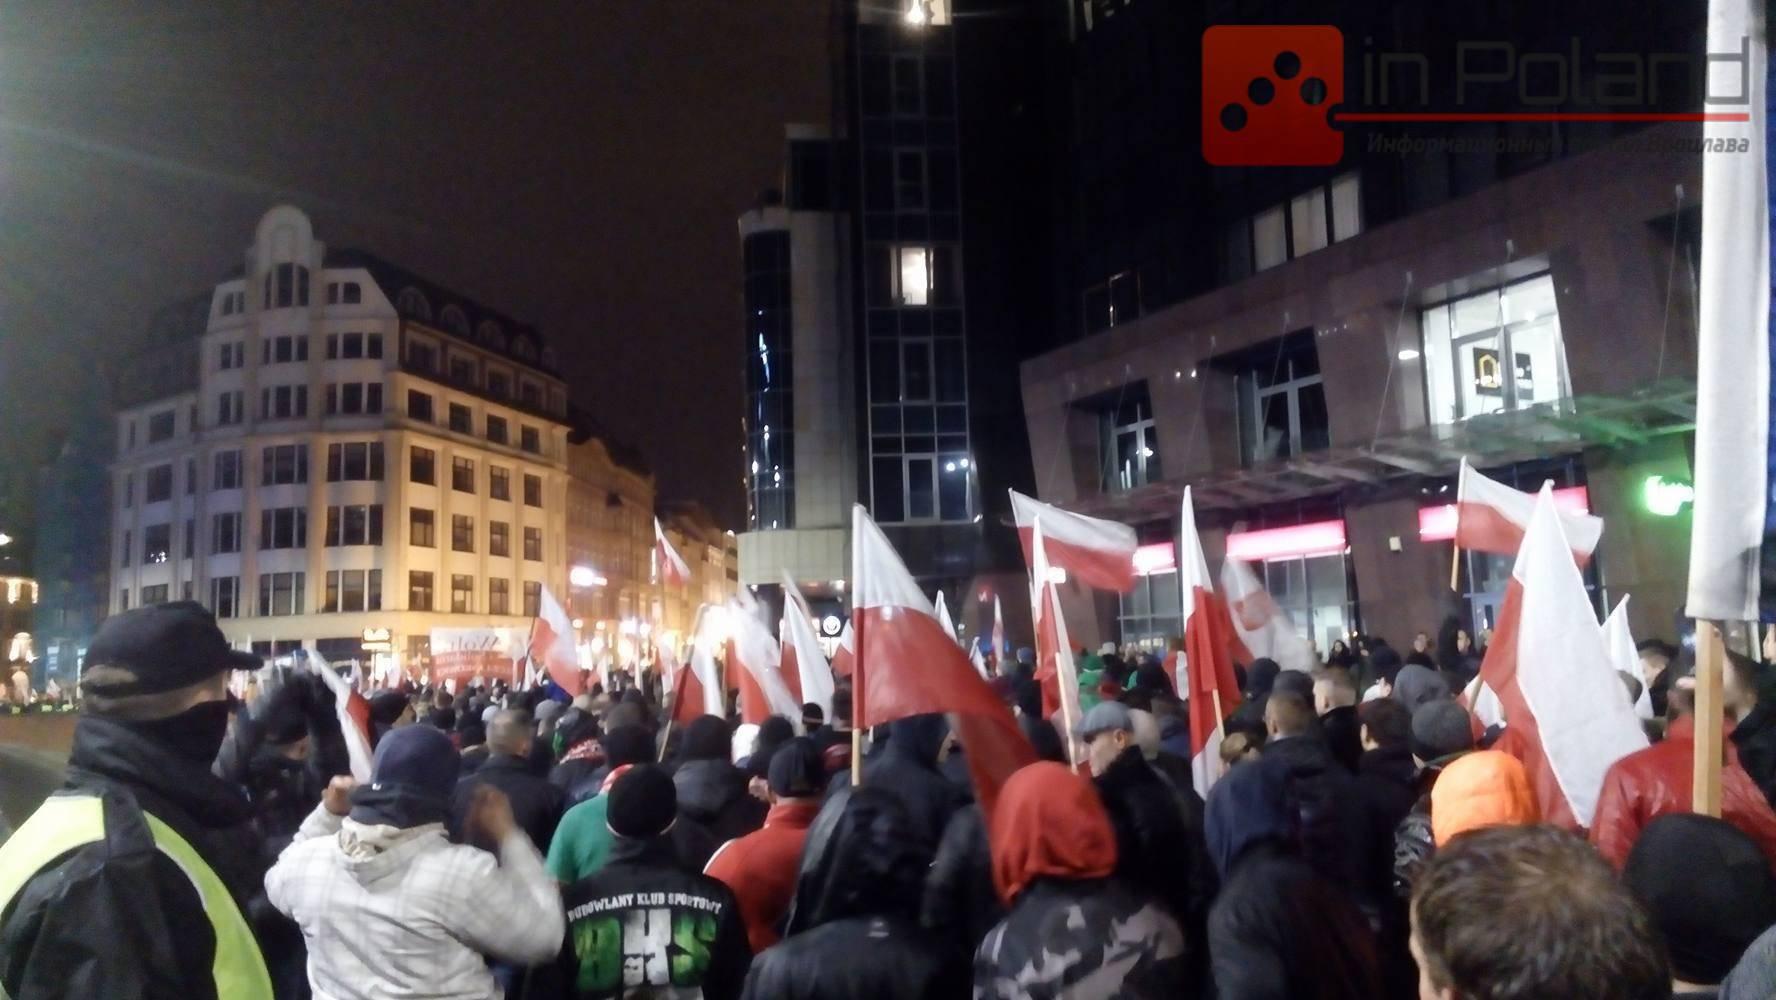 «Життя та смерть для нації»! Під цим гаслом націоналісти будуть святкувати 100-річчя незалежності Польщі